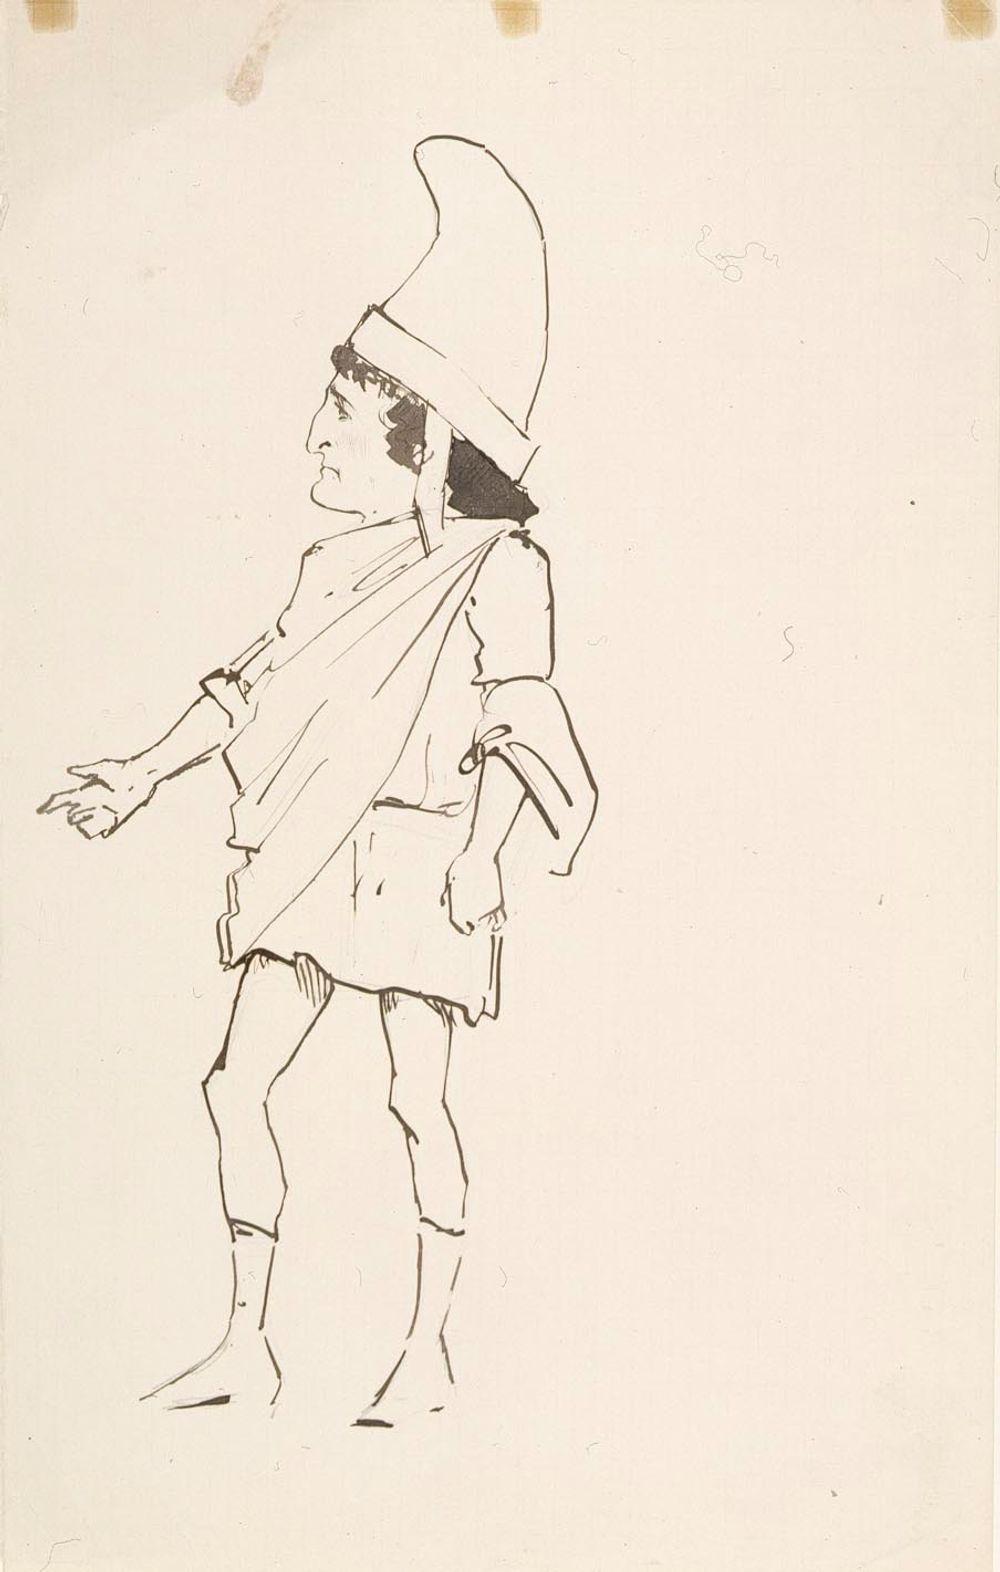 Karikatyyri antiikin sotilaasta